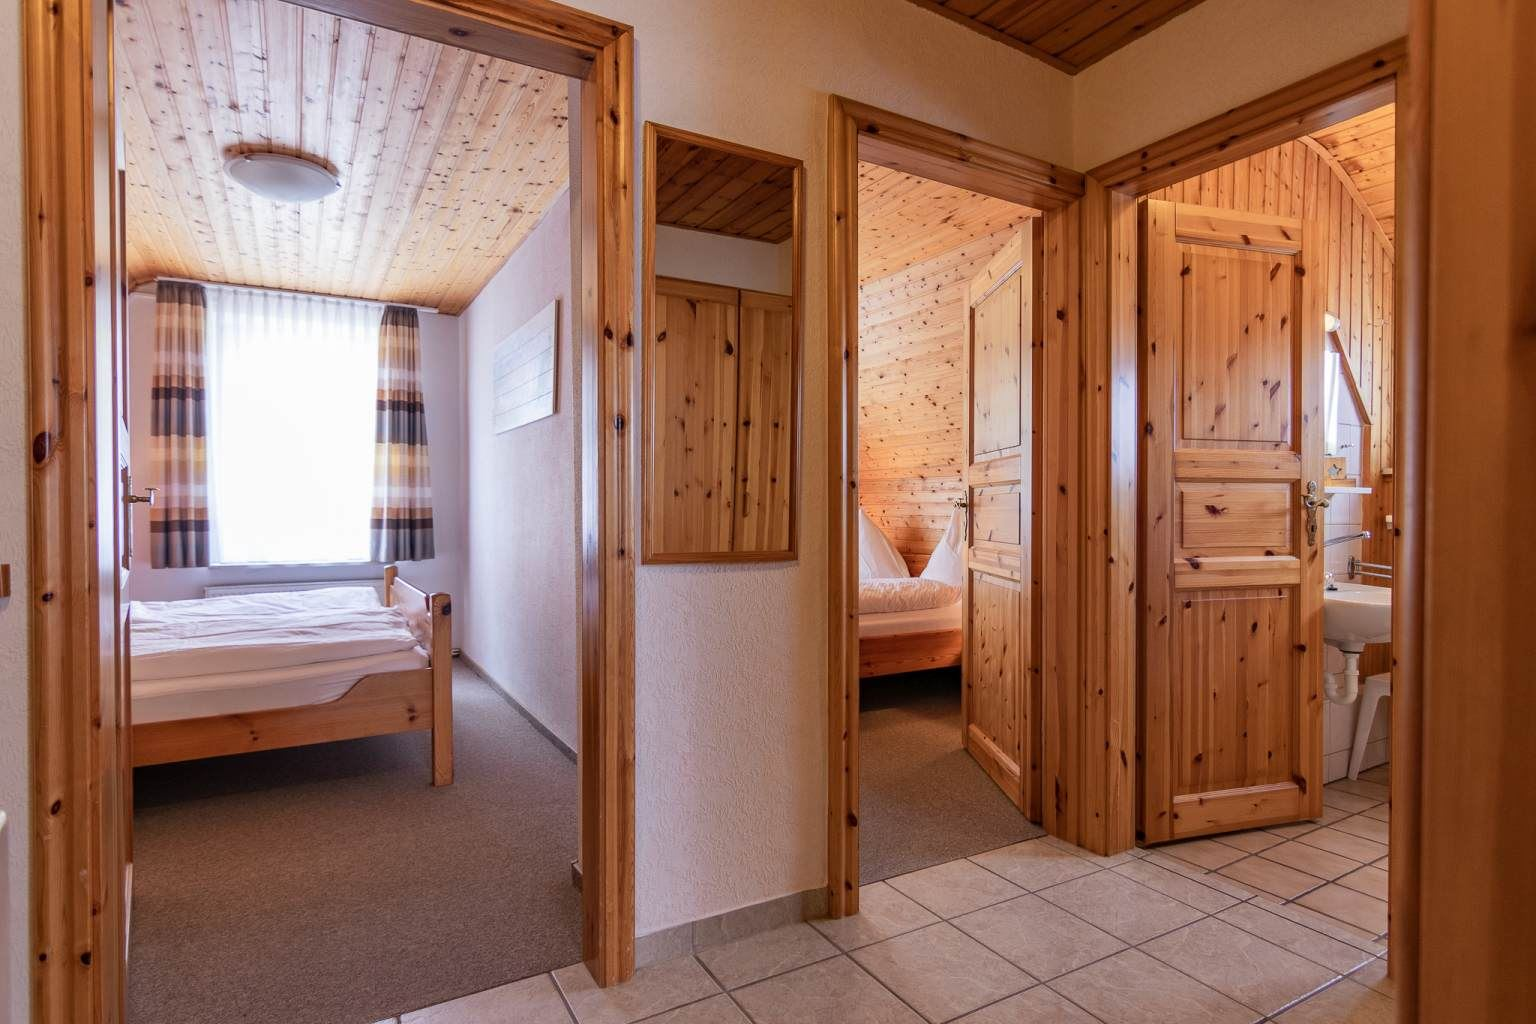 Flur - Haus Sturmmoewe, Wohnung 3, 3-Zimmer-Ferienwohnung, Badallee 27-27a, St. Peter-Dorf